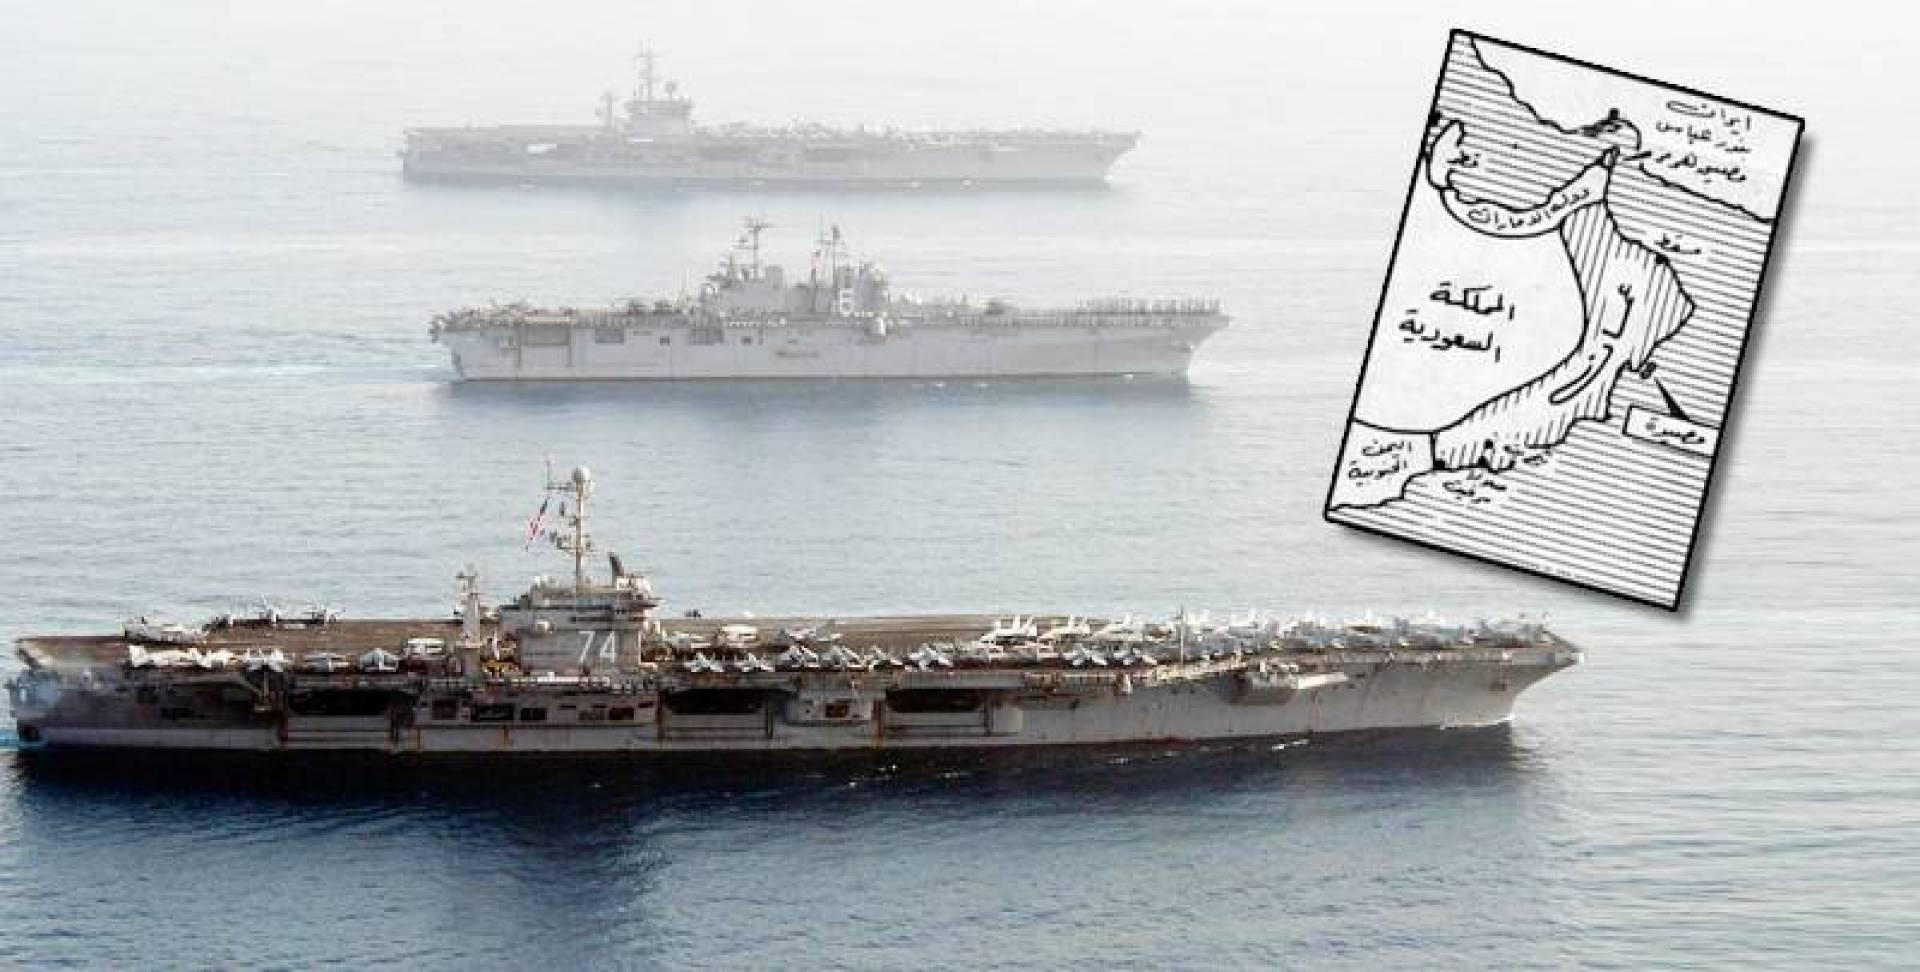 1976|  صحيفة «أكتواليداد» الأسبانية تكشف عن فكرة إنشاء قاعدة أميركية للتحكم بمدخل الخليج العربي